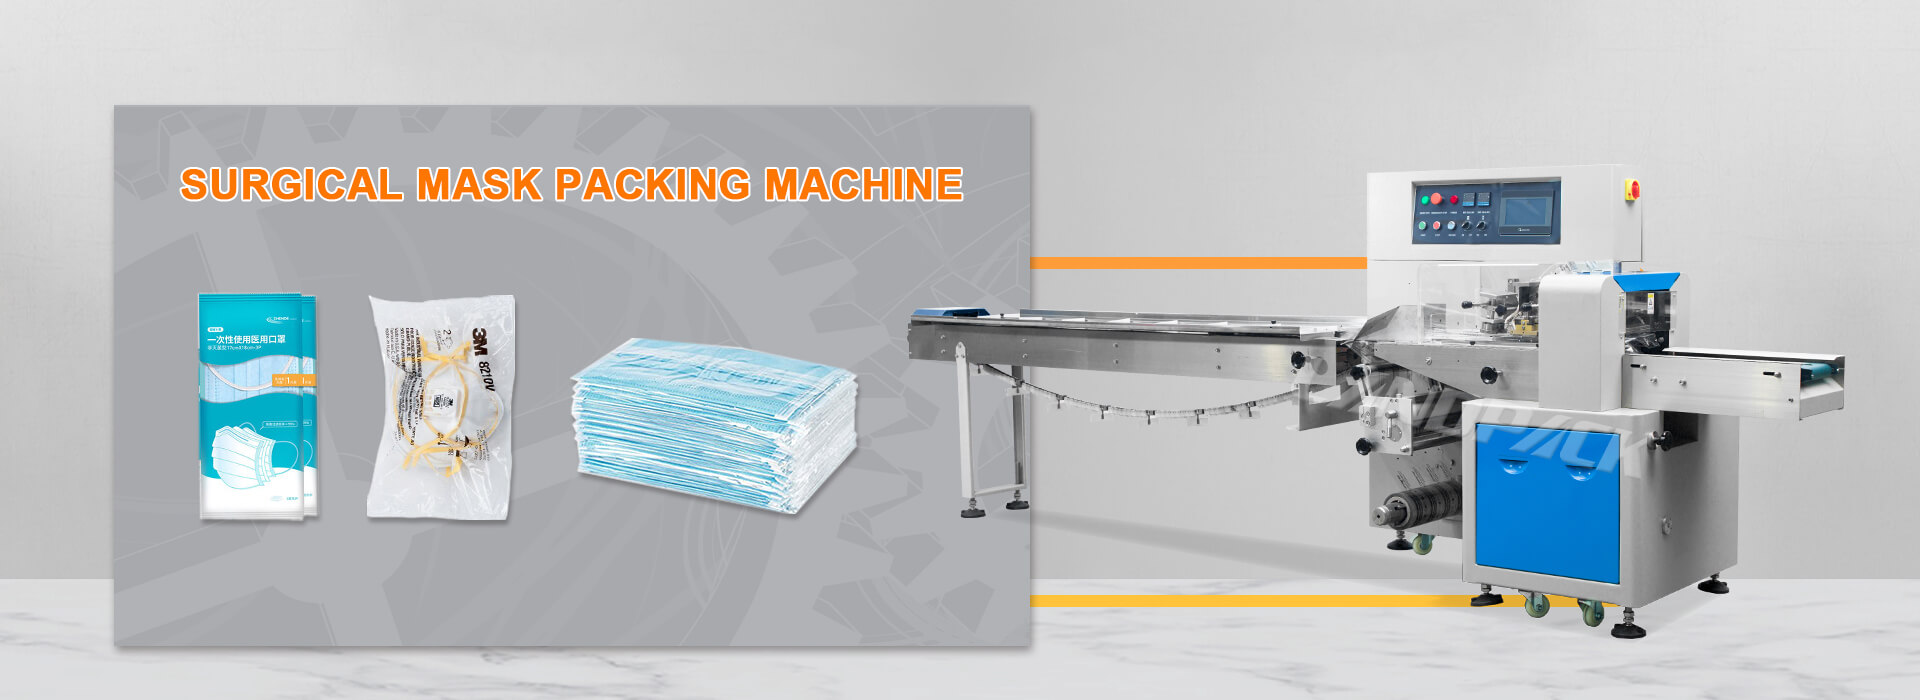 mask packing machine